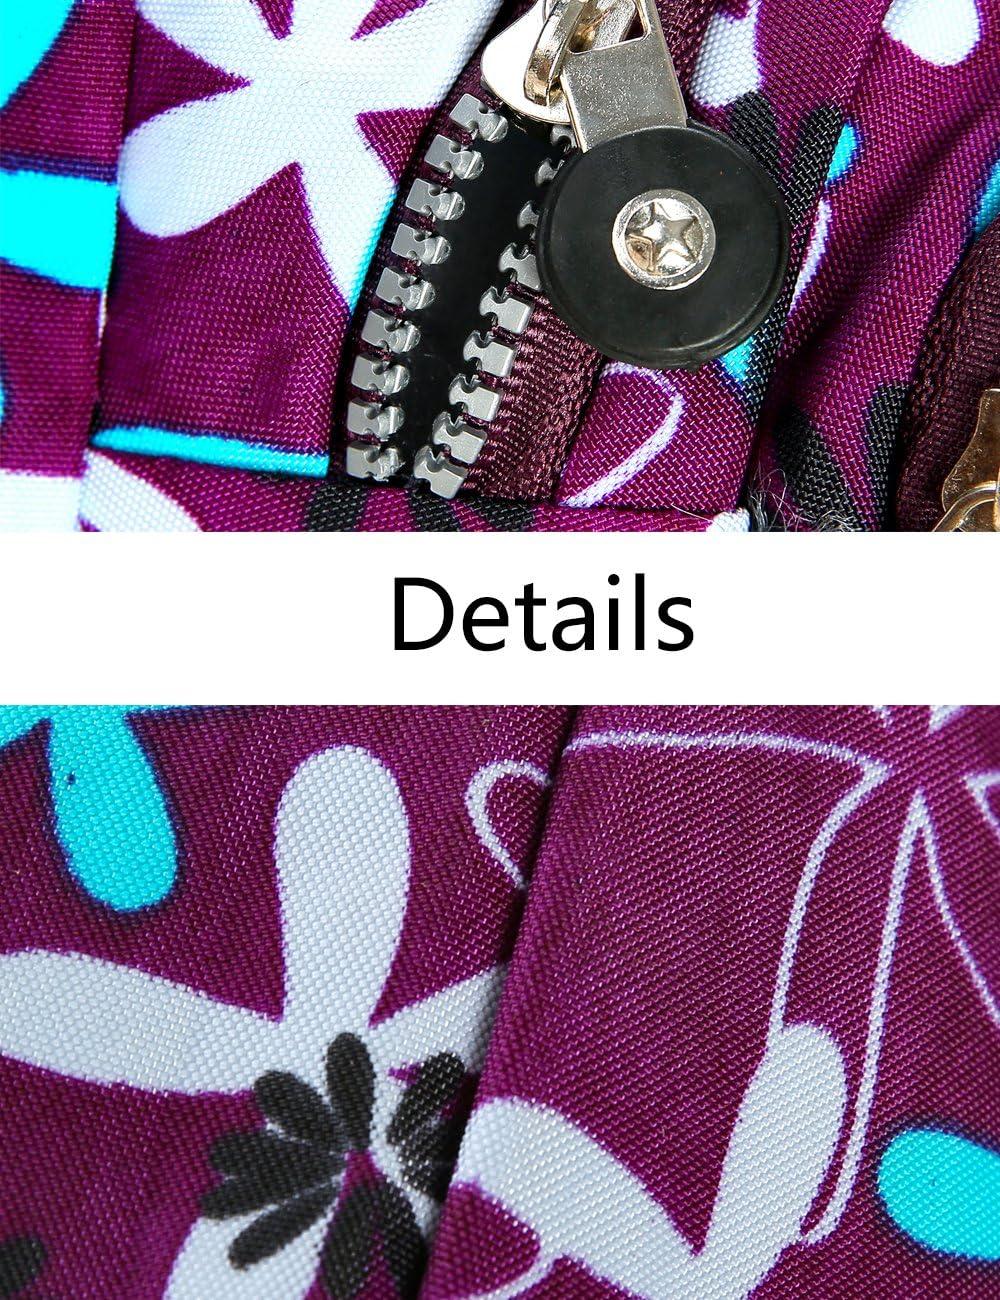 iSuperb Ceinture de Toile Multifonction 4-Zipper Fanny Pack de Sac de Taille Avec sangle r/églable pour Running Fitness Cyclisme Randonn/ée Voyage Camping Sports